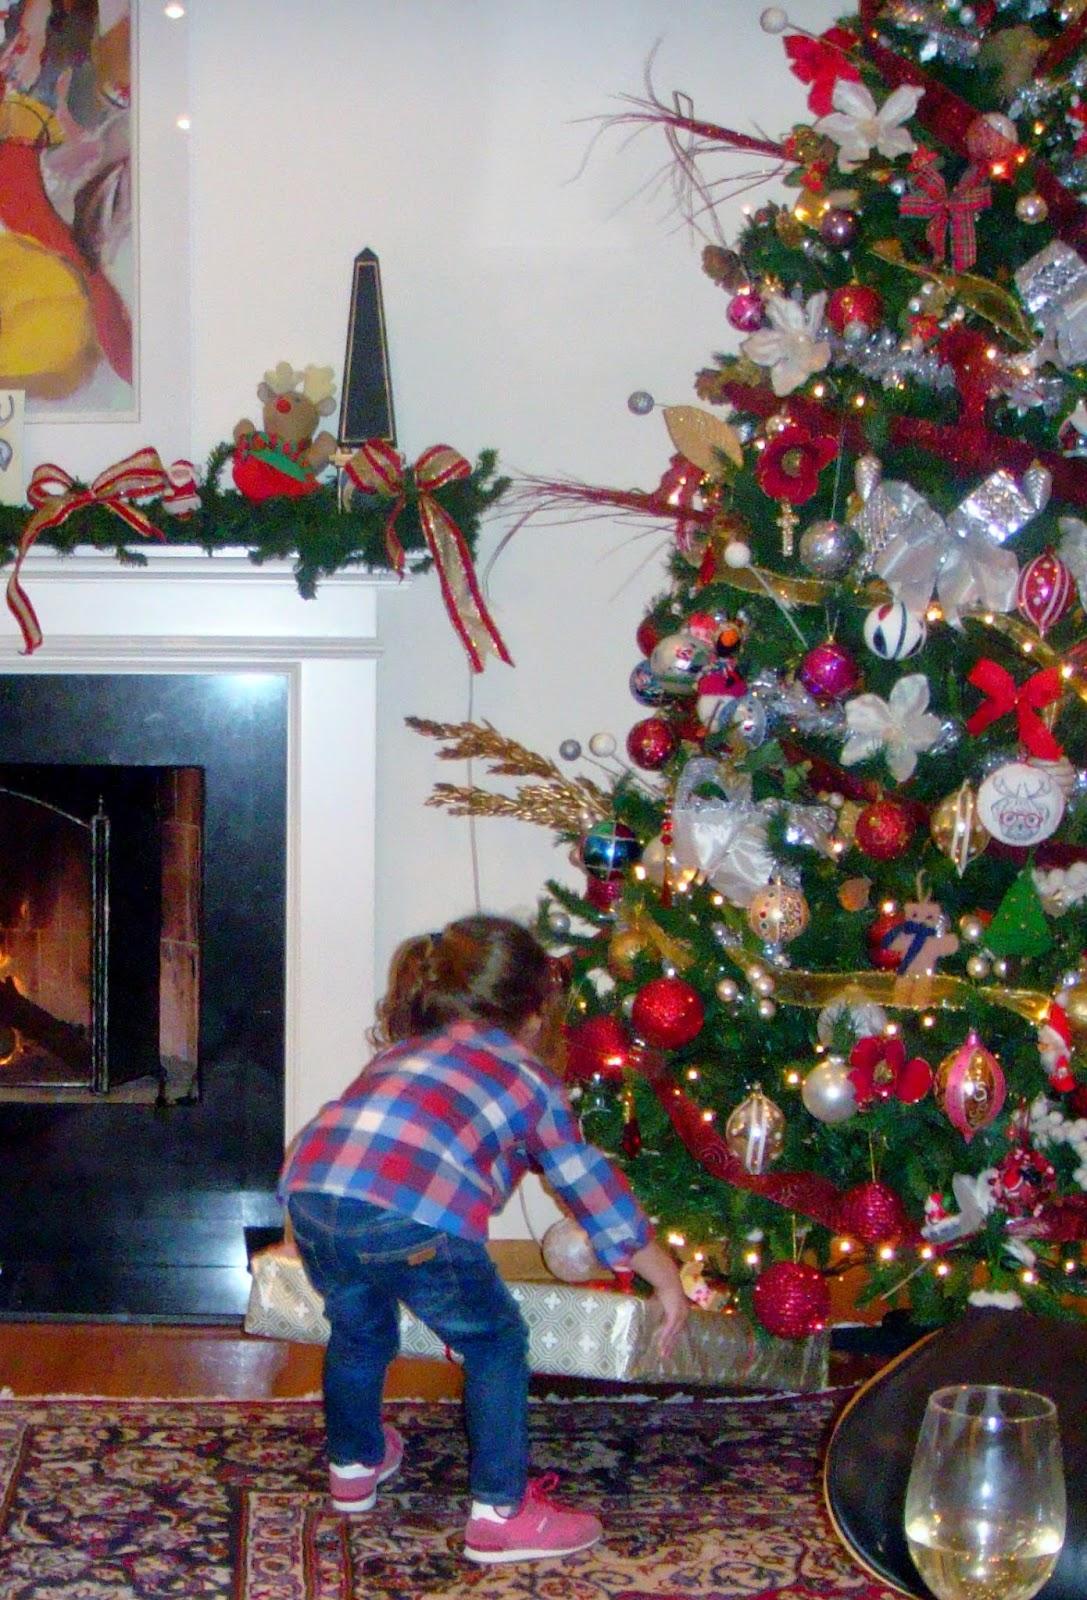 Melina at Christmas